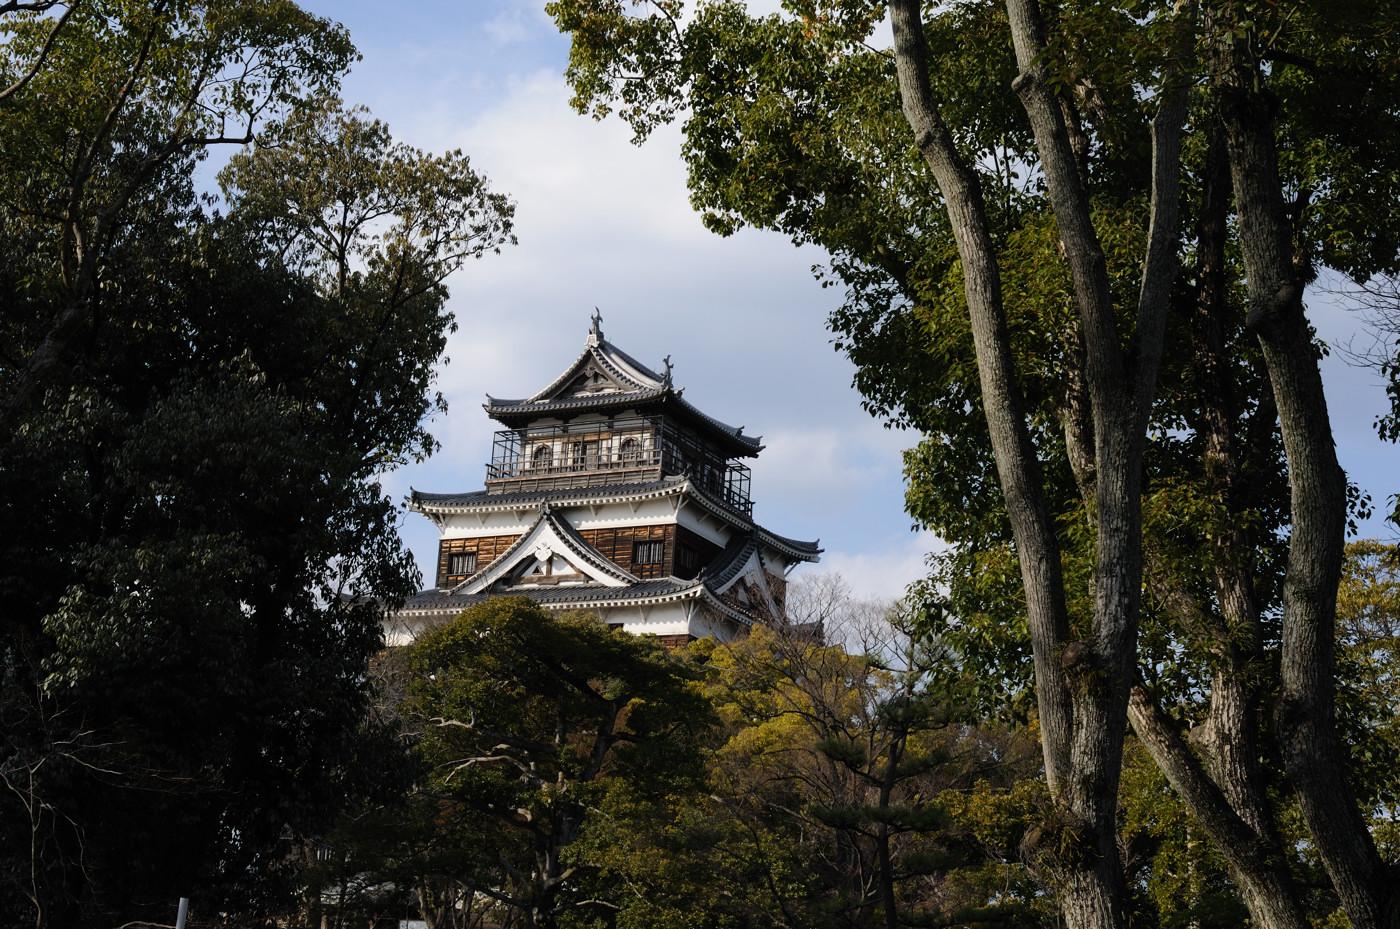 広島城の天守閣を標準で